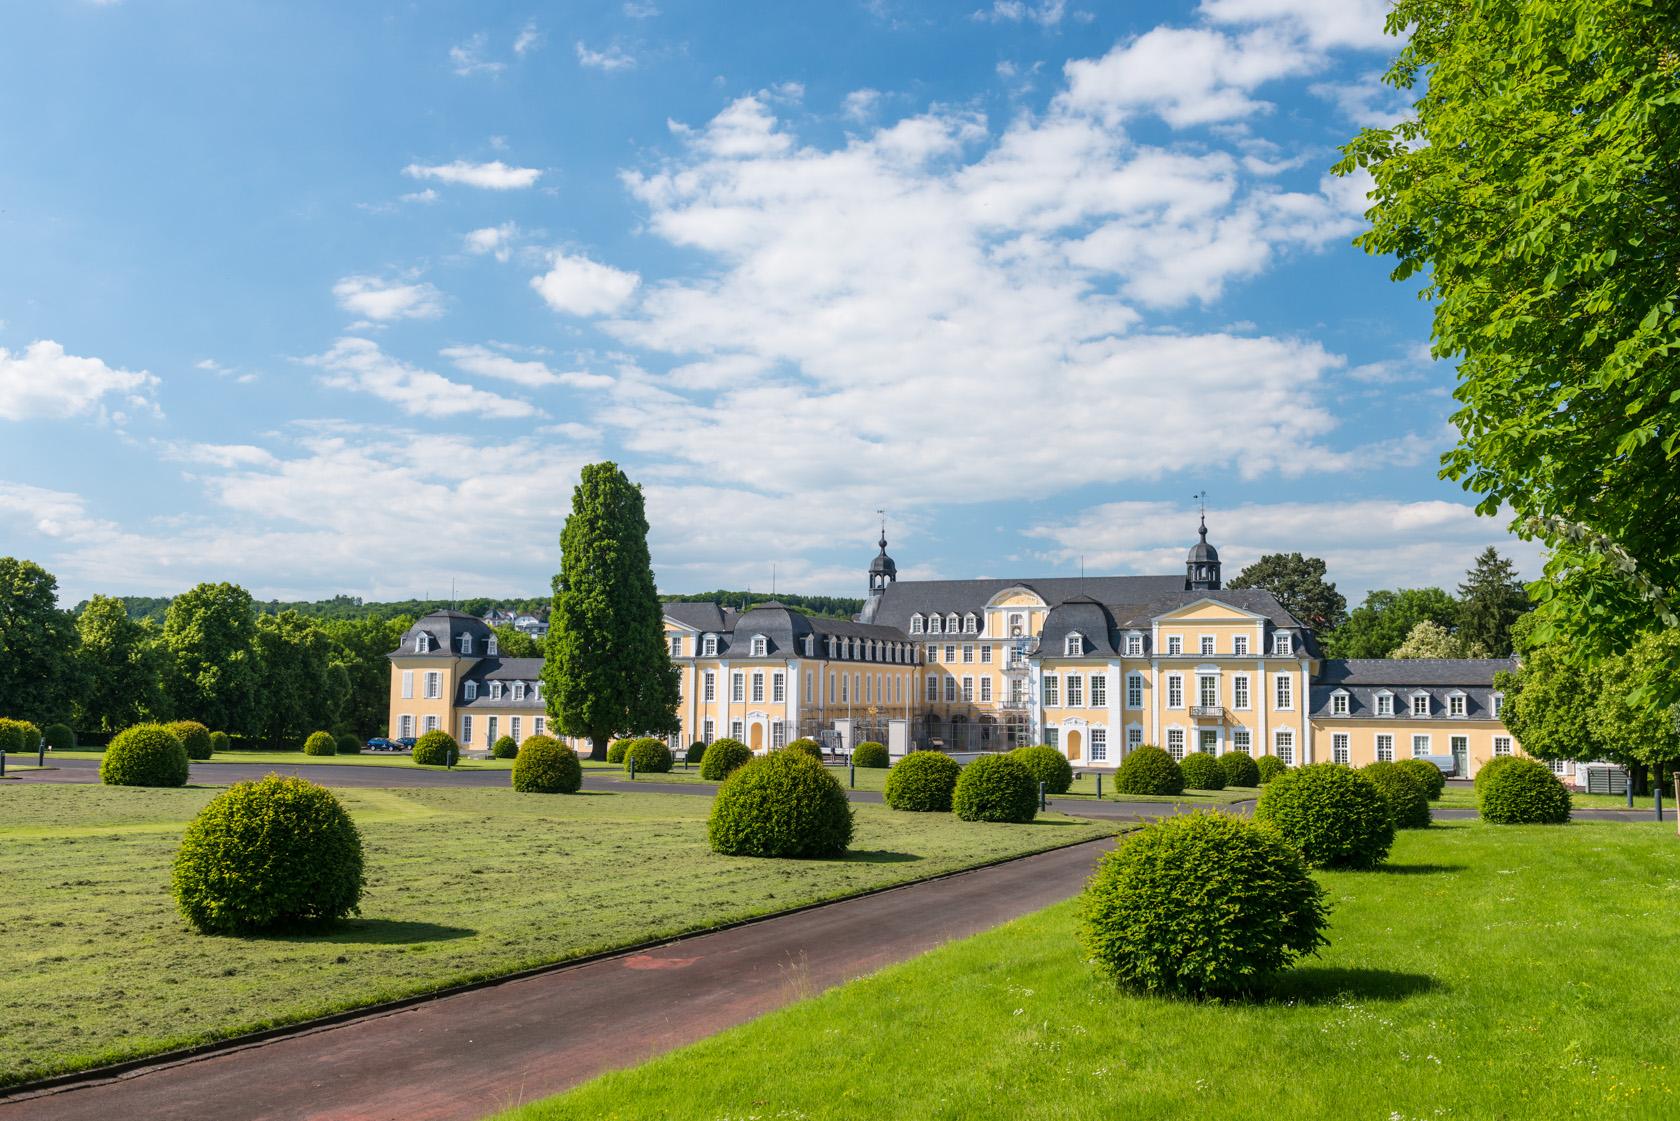 Schloss Oranienstein